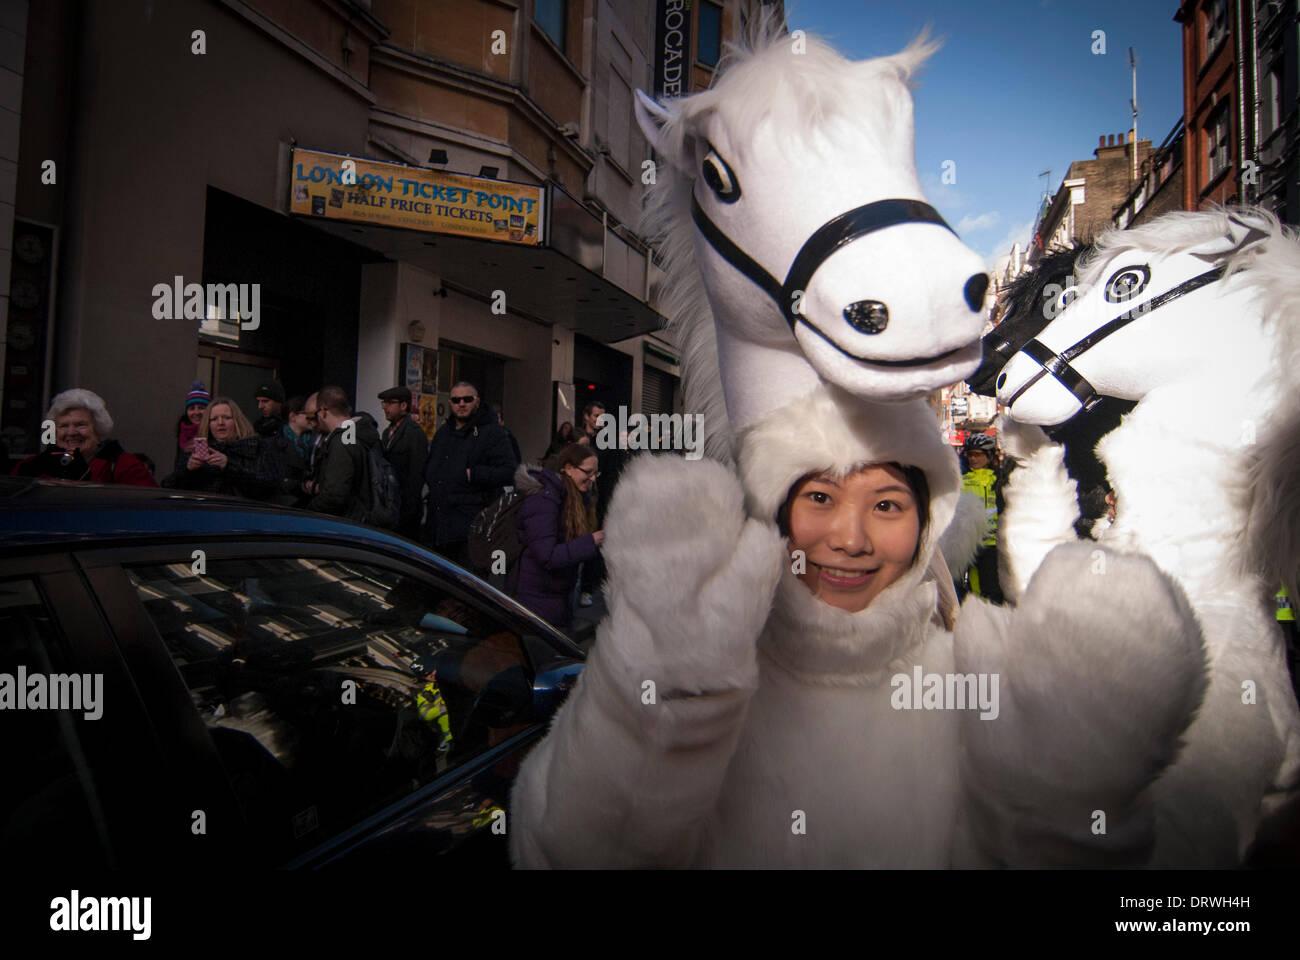 Chinatown, Londres, Royaume-Uni. 2 février 2014. Une fille habillé comme un cheval prend part à la parade dans le quartier chinois pour célébrer l'année de l'Horse Crédit: Stephen Chung/Alamy Live News Photo Stock